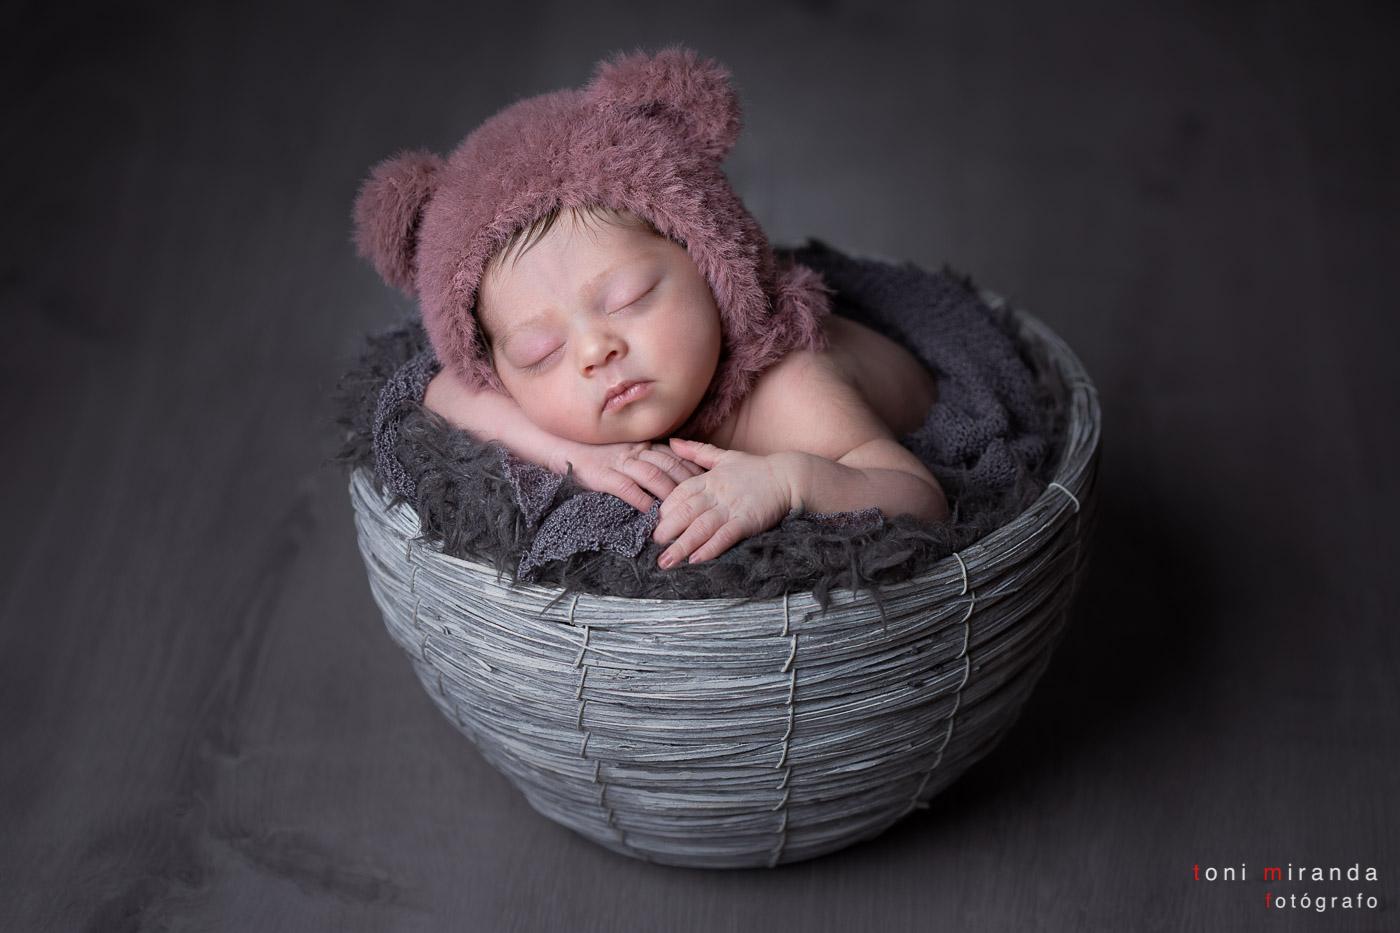 bebe durmiendo con gorrito